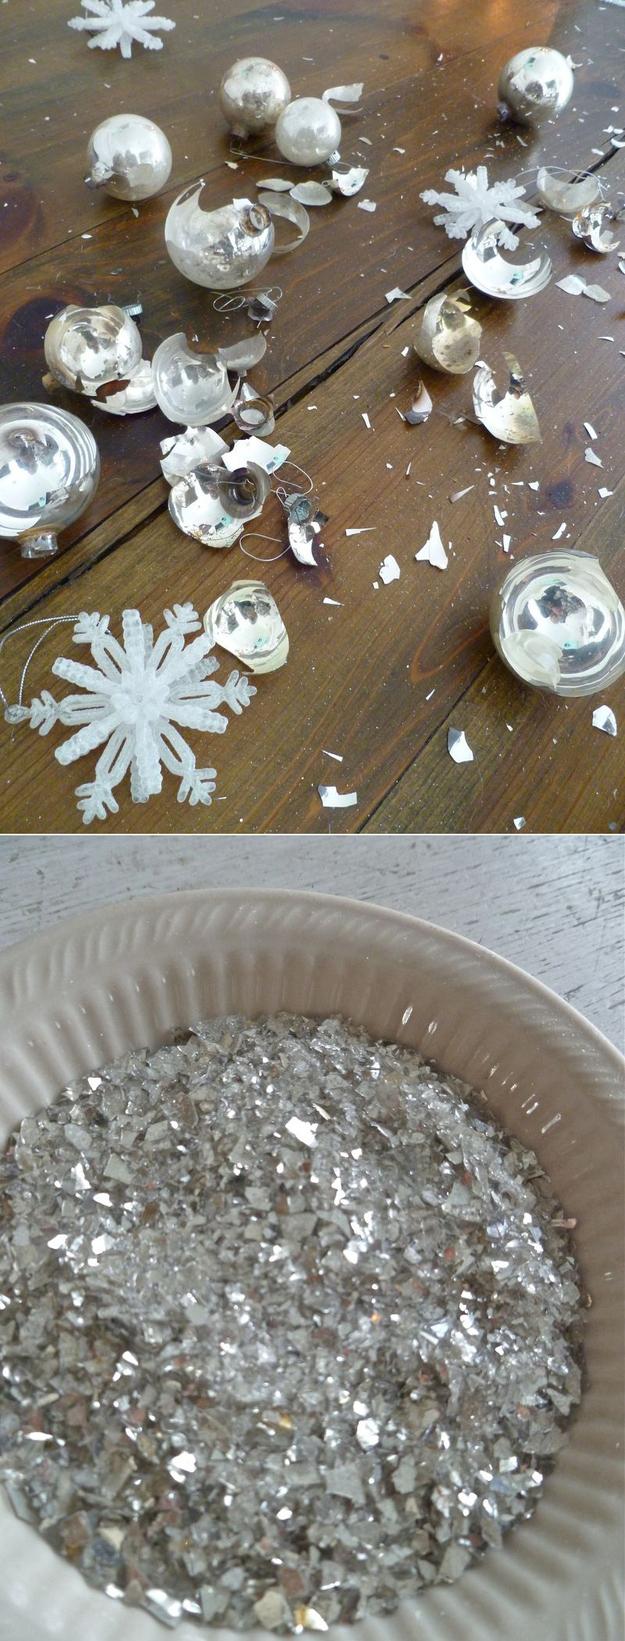 Идеи использования сломанных вещей: побитые новогодние игрушки